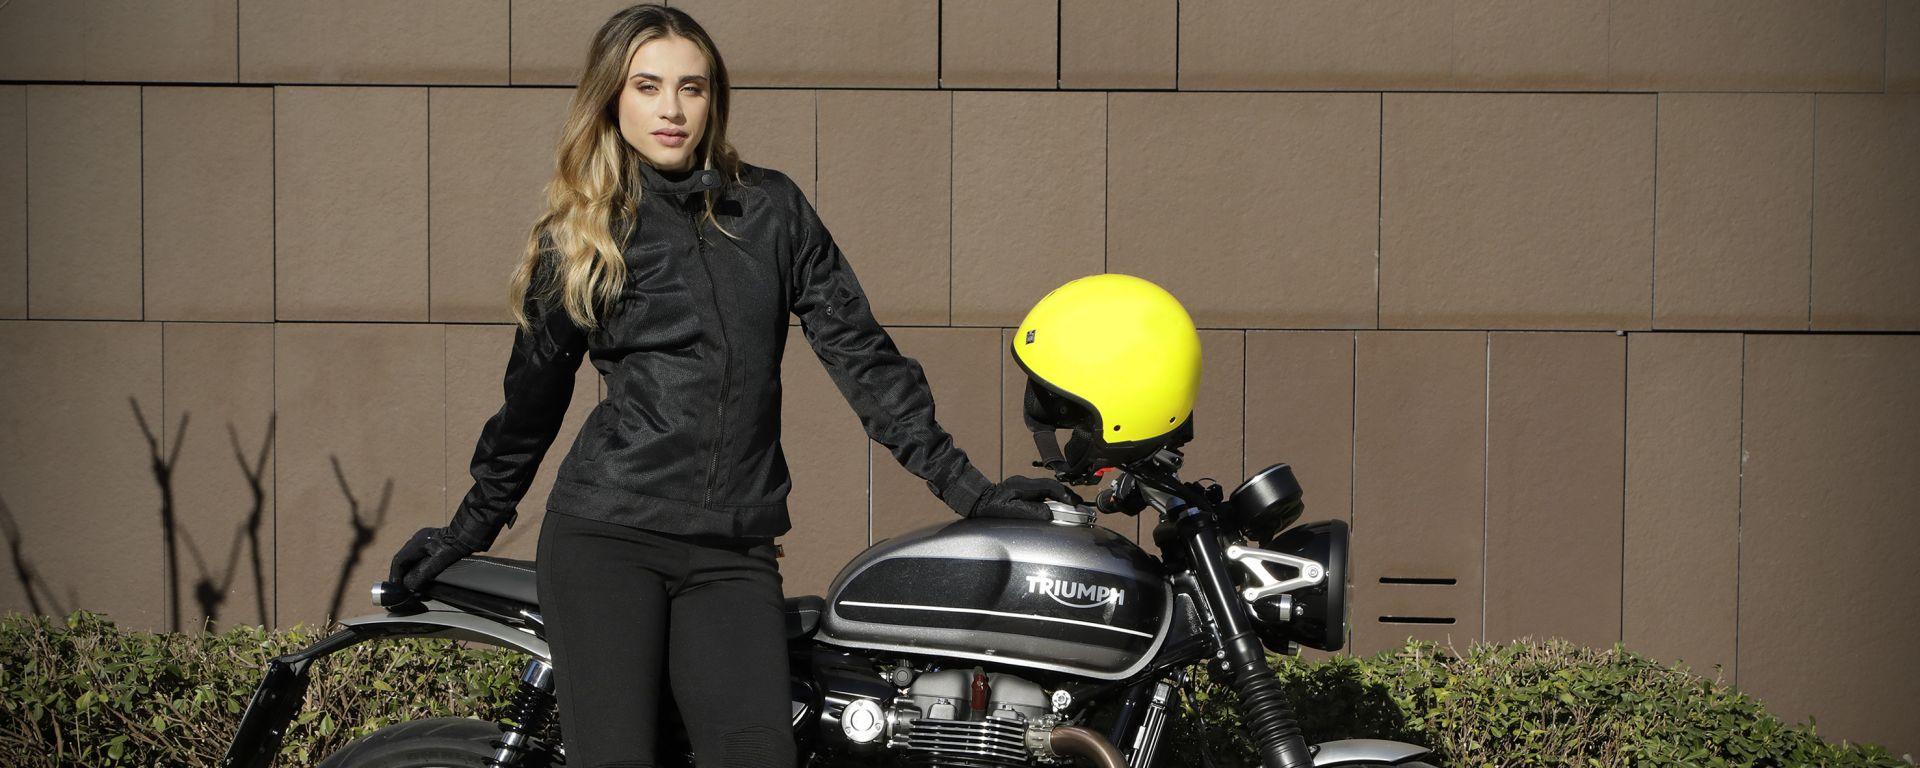 Motogirl Ribbed Leggins: è disponibile solo in colore nero